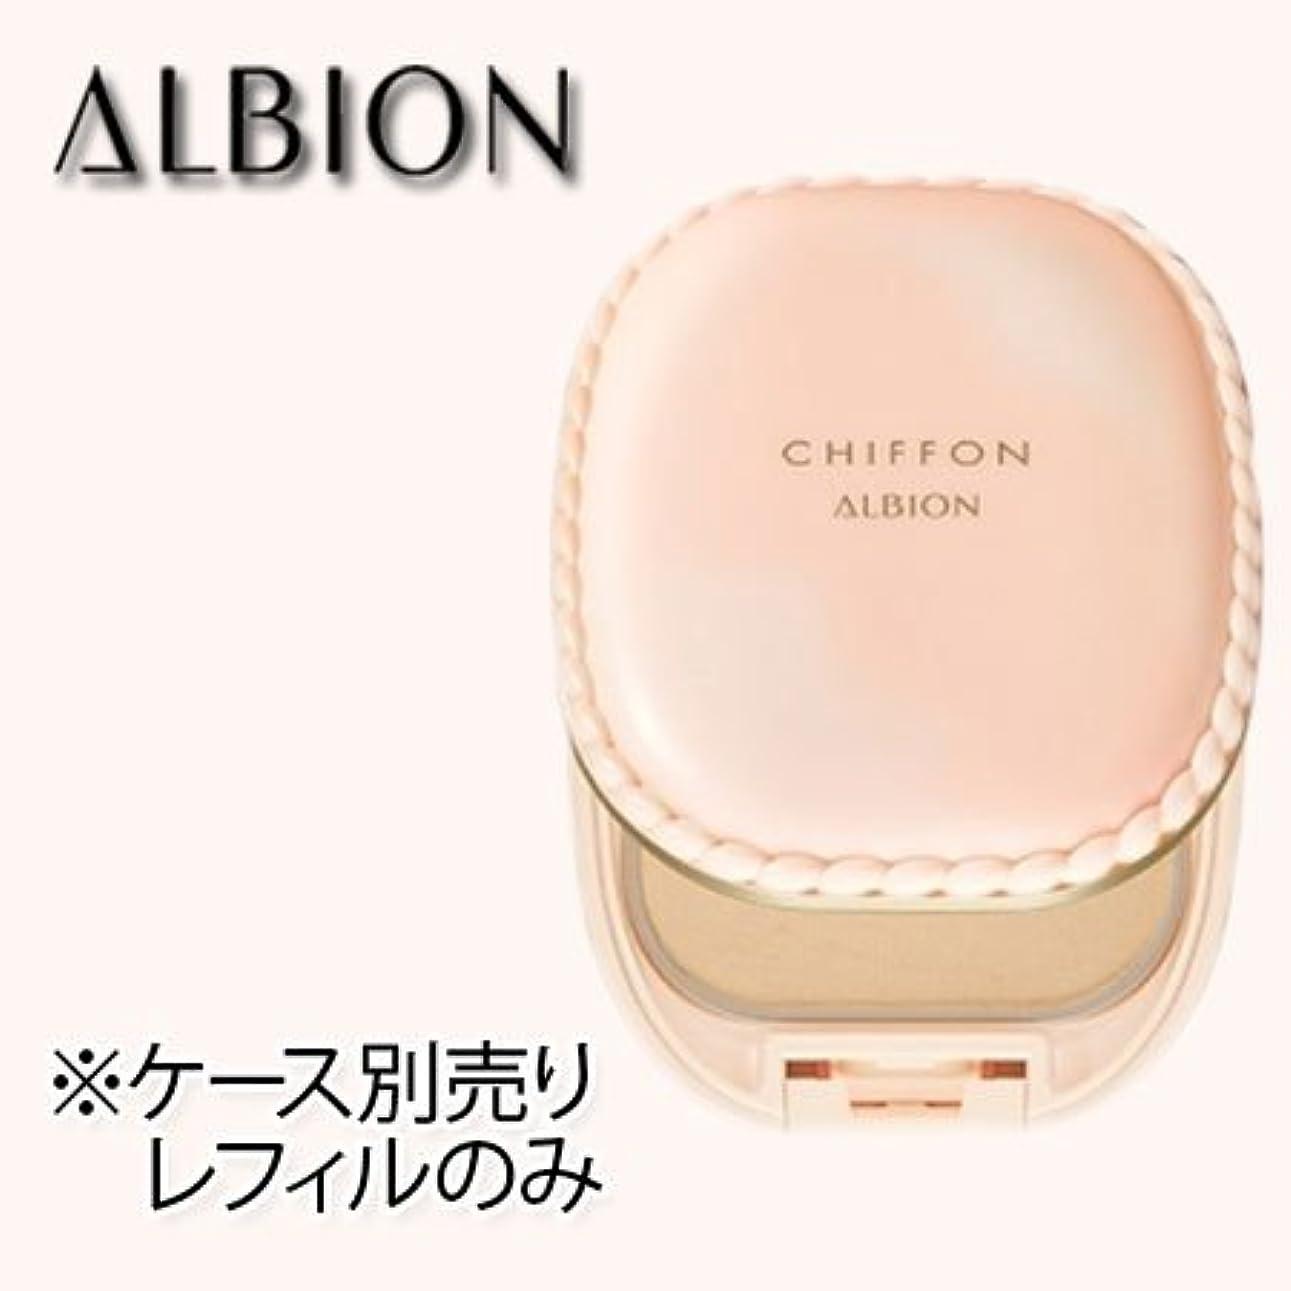 施し元の分析的なアルビオン スウィート モイスチュア シフォン (レフィル) 10g 6色 SPF22 PA++-ALBION- 050